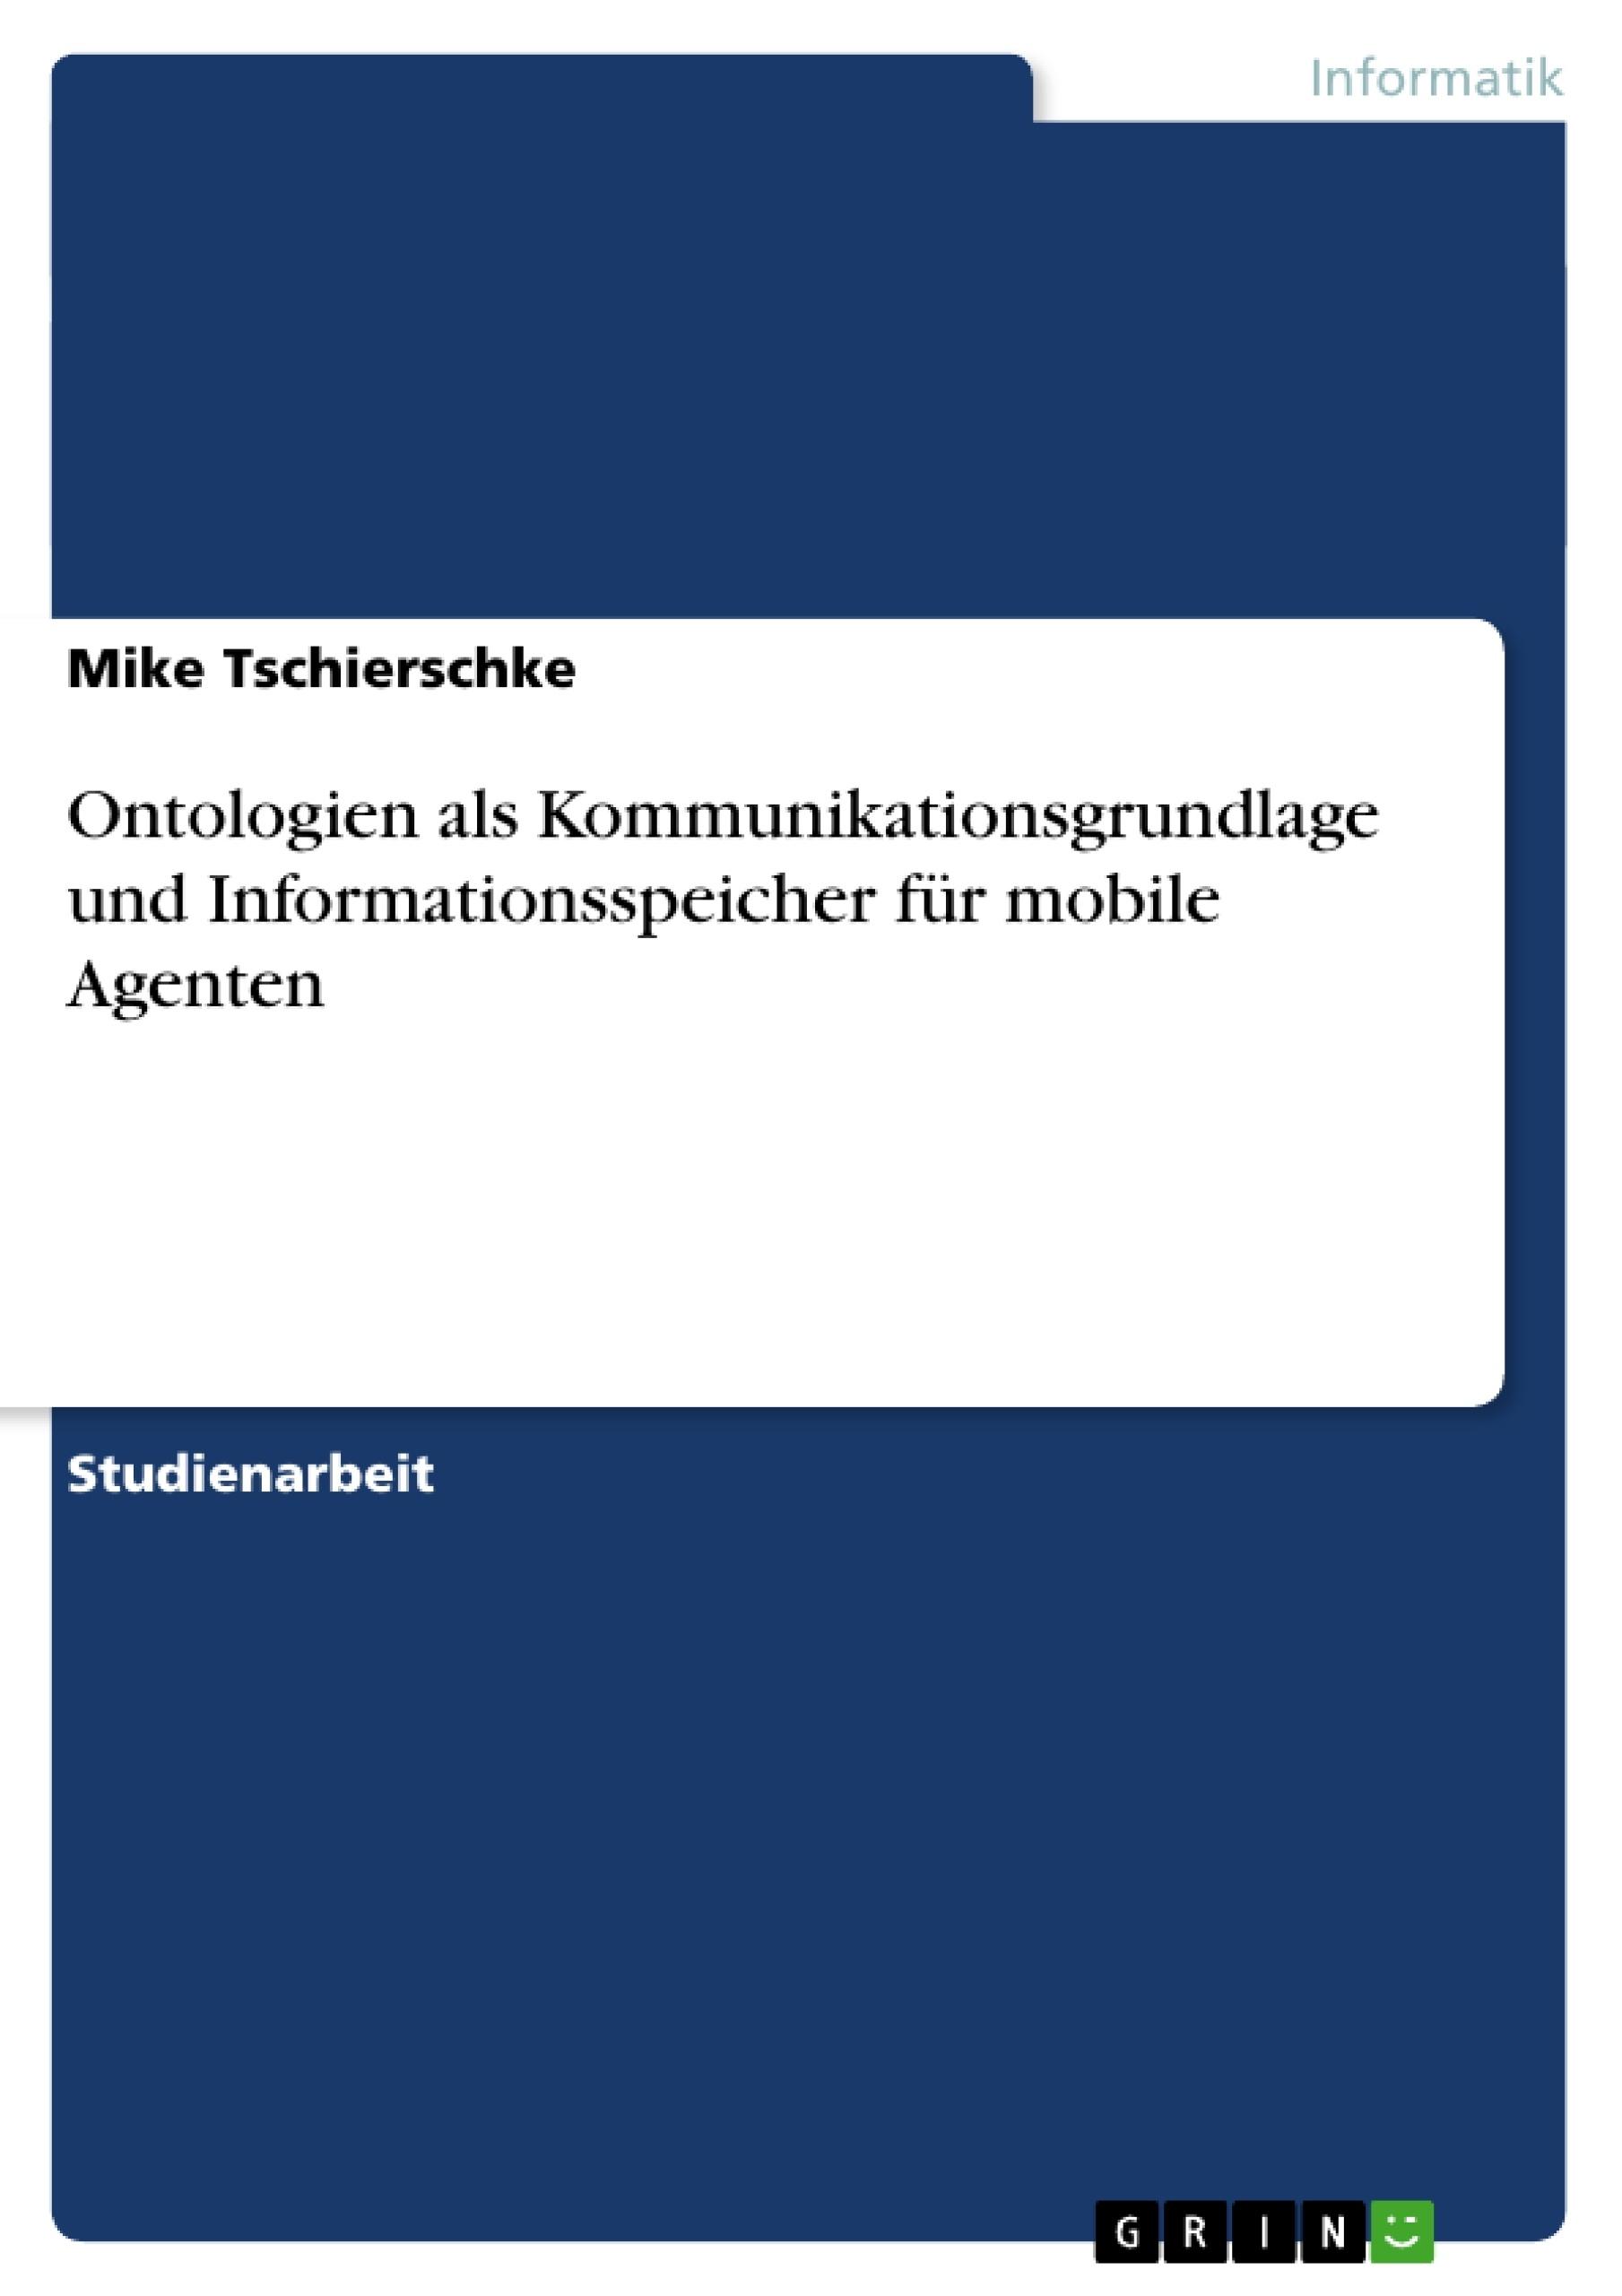 Titel: Ontologien als Kommunikationsgrundlage und Informationsspeicher für mobile Agenten